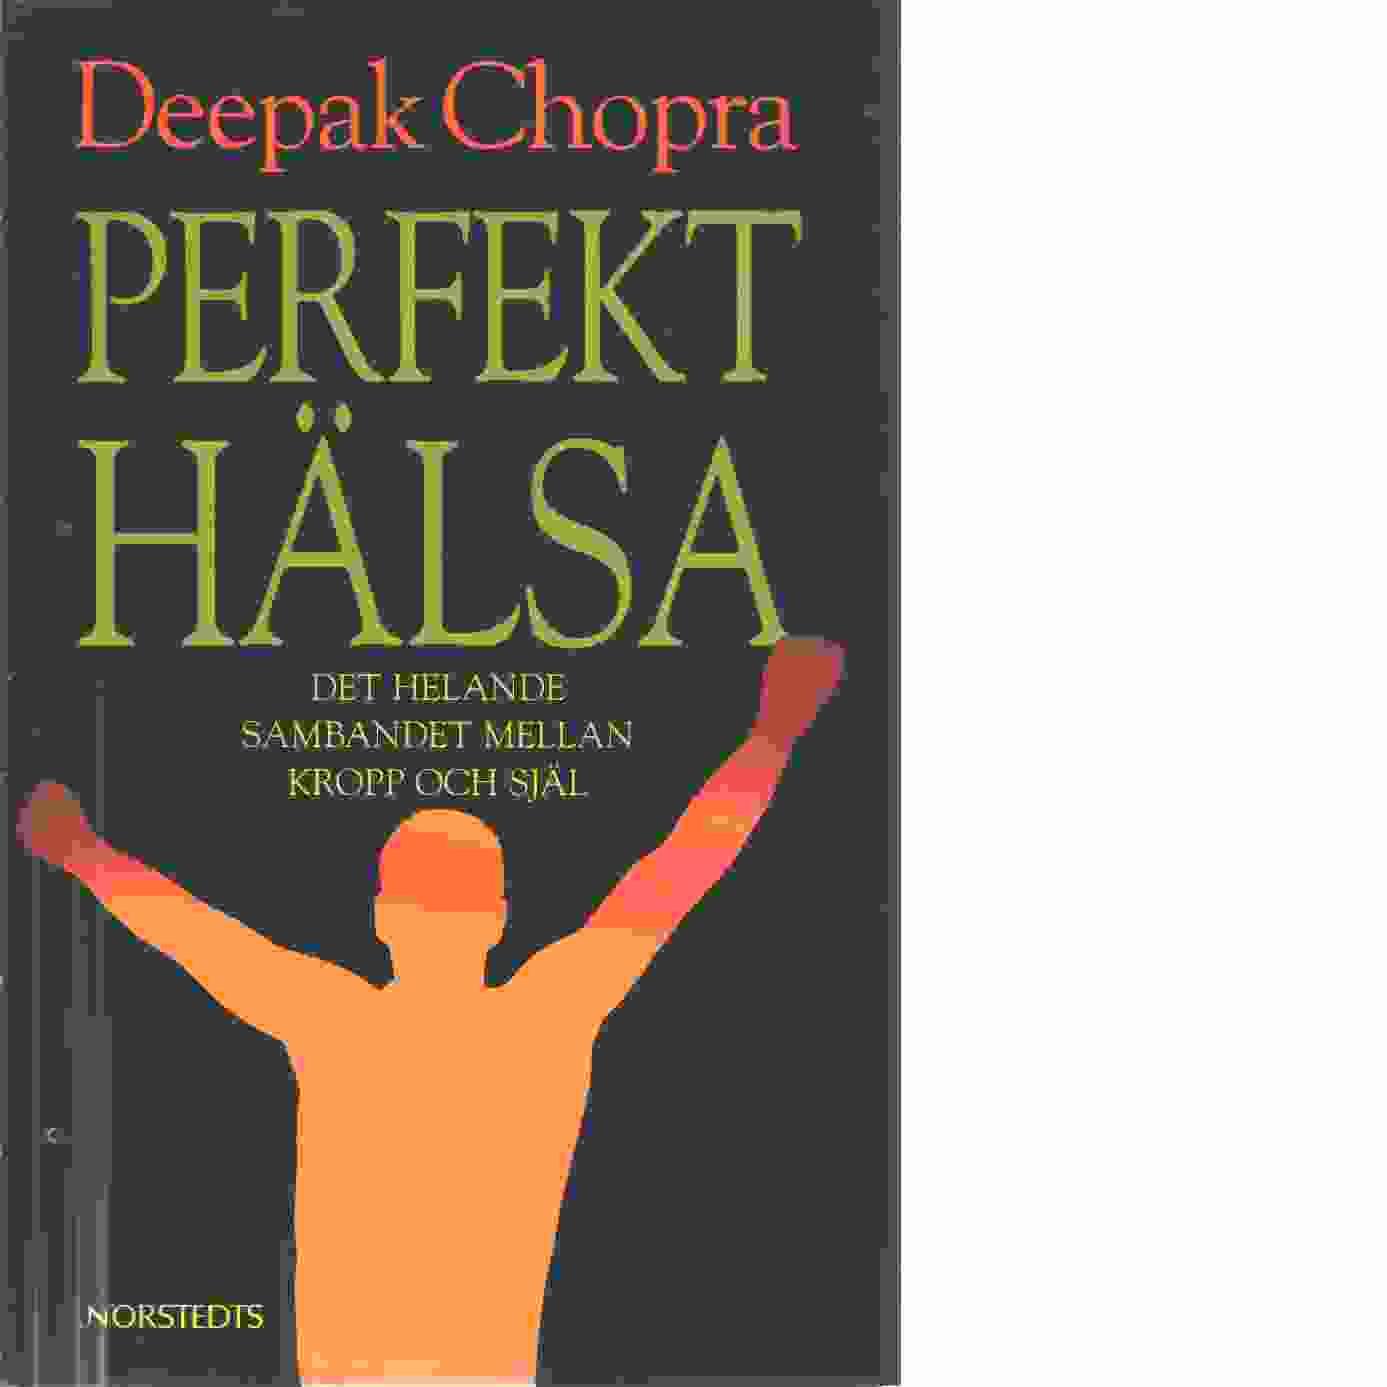 Perfekt hälsa : det helande sambandet mellan kropp och själ - Chopra, Deepak